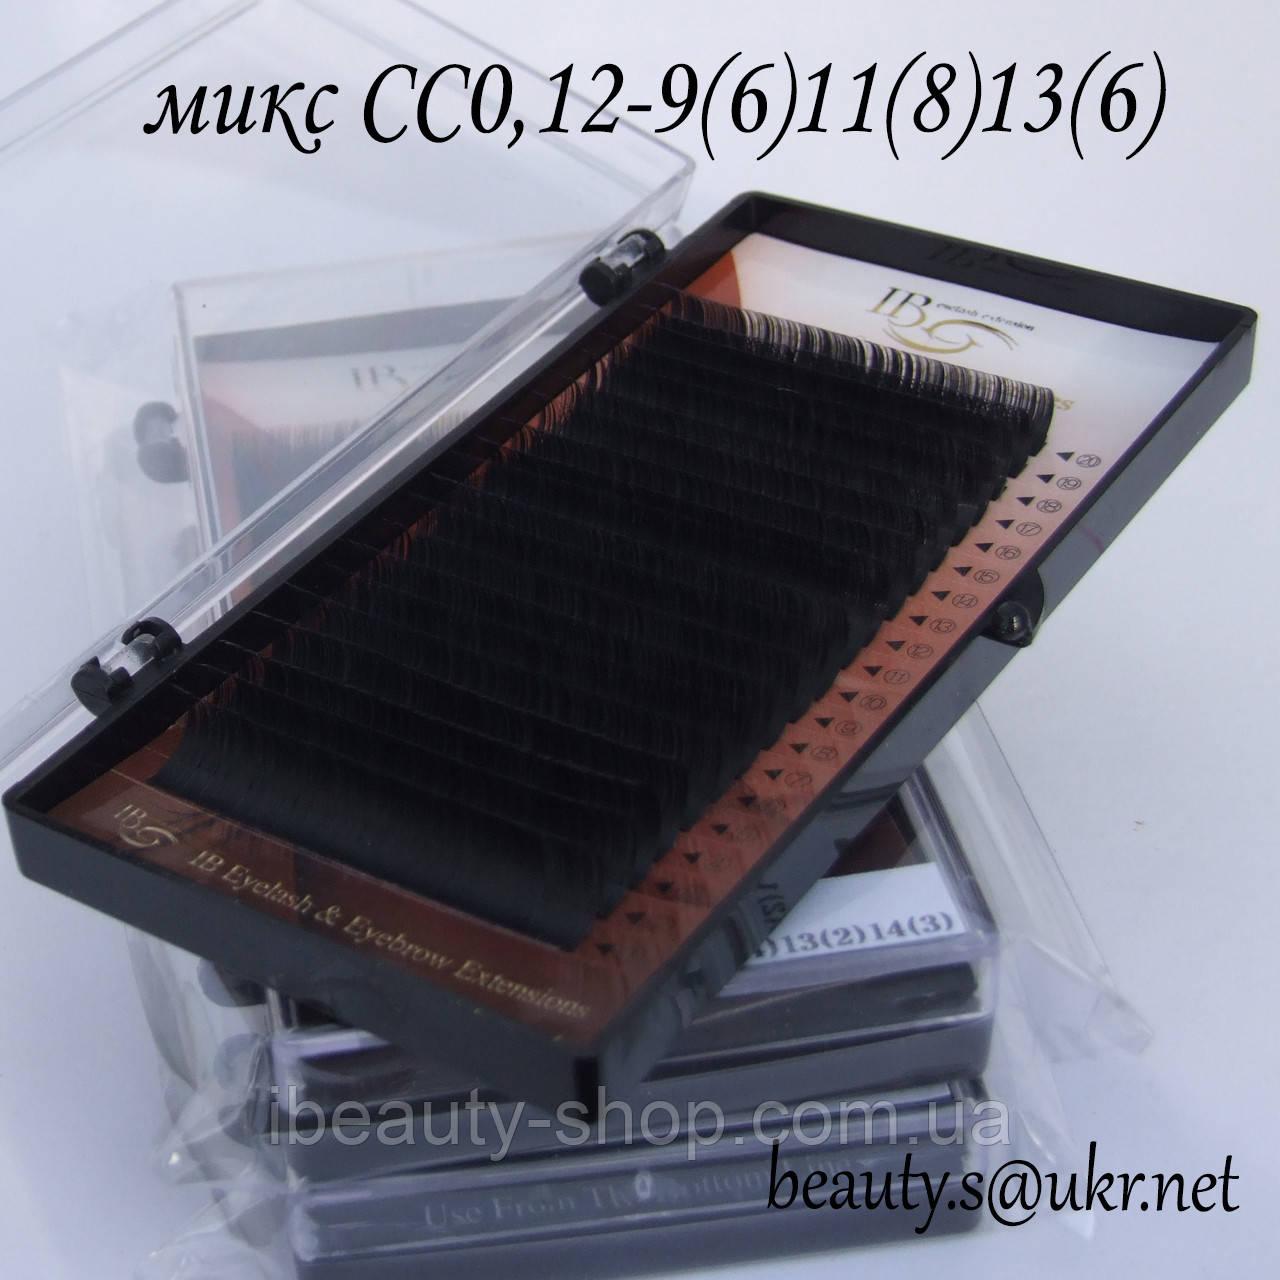 Ресницы I-Beauty микс СС-0,12 9-11-13мм